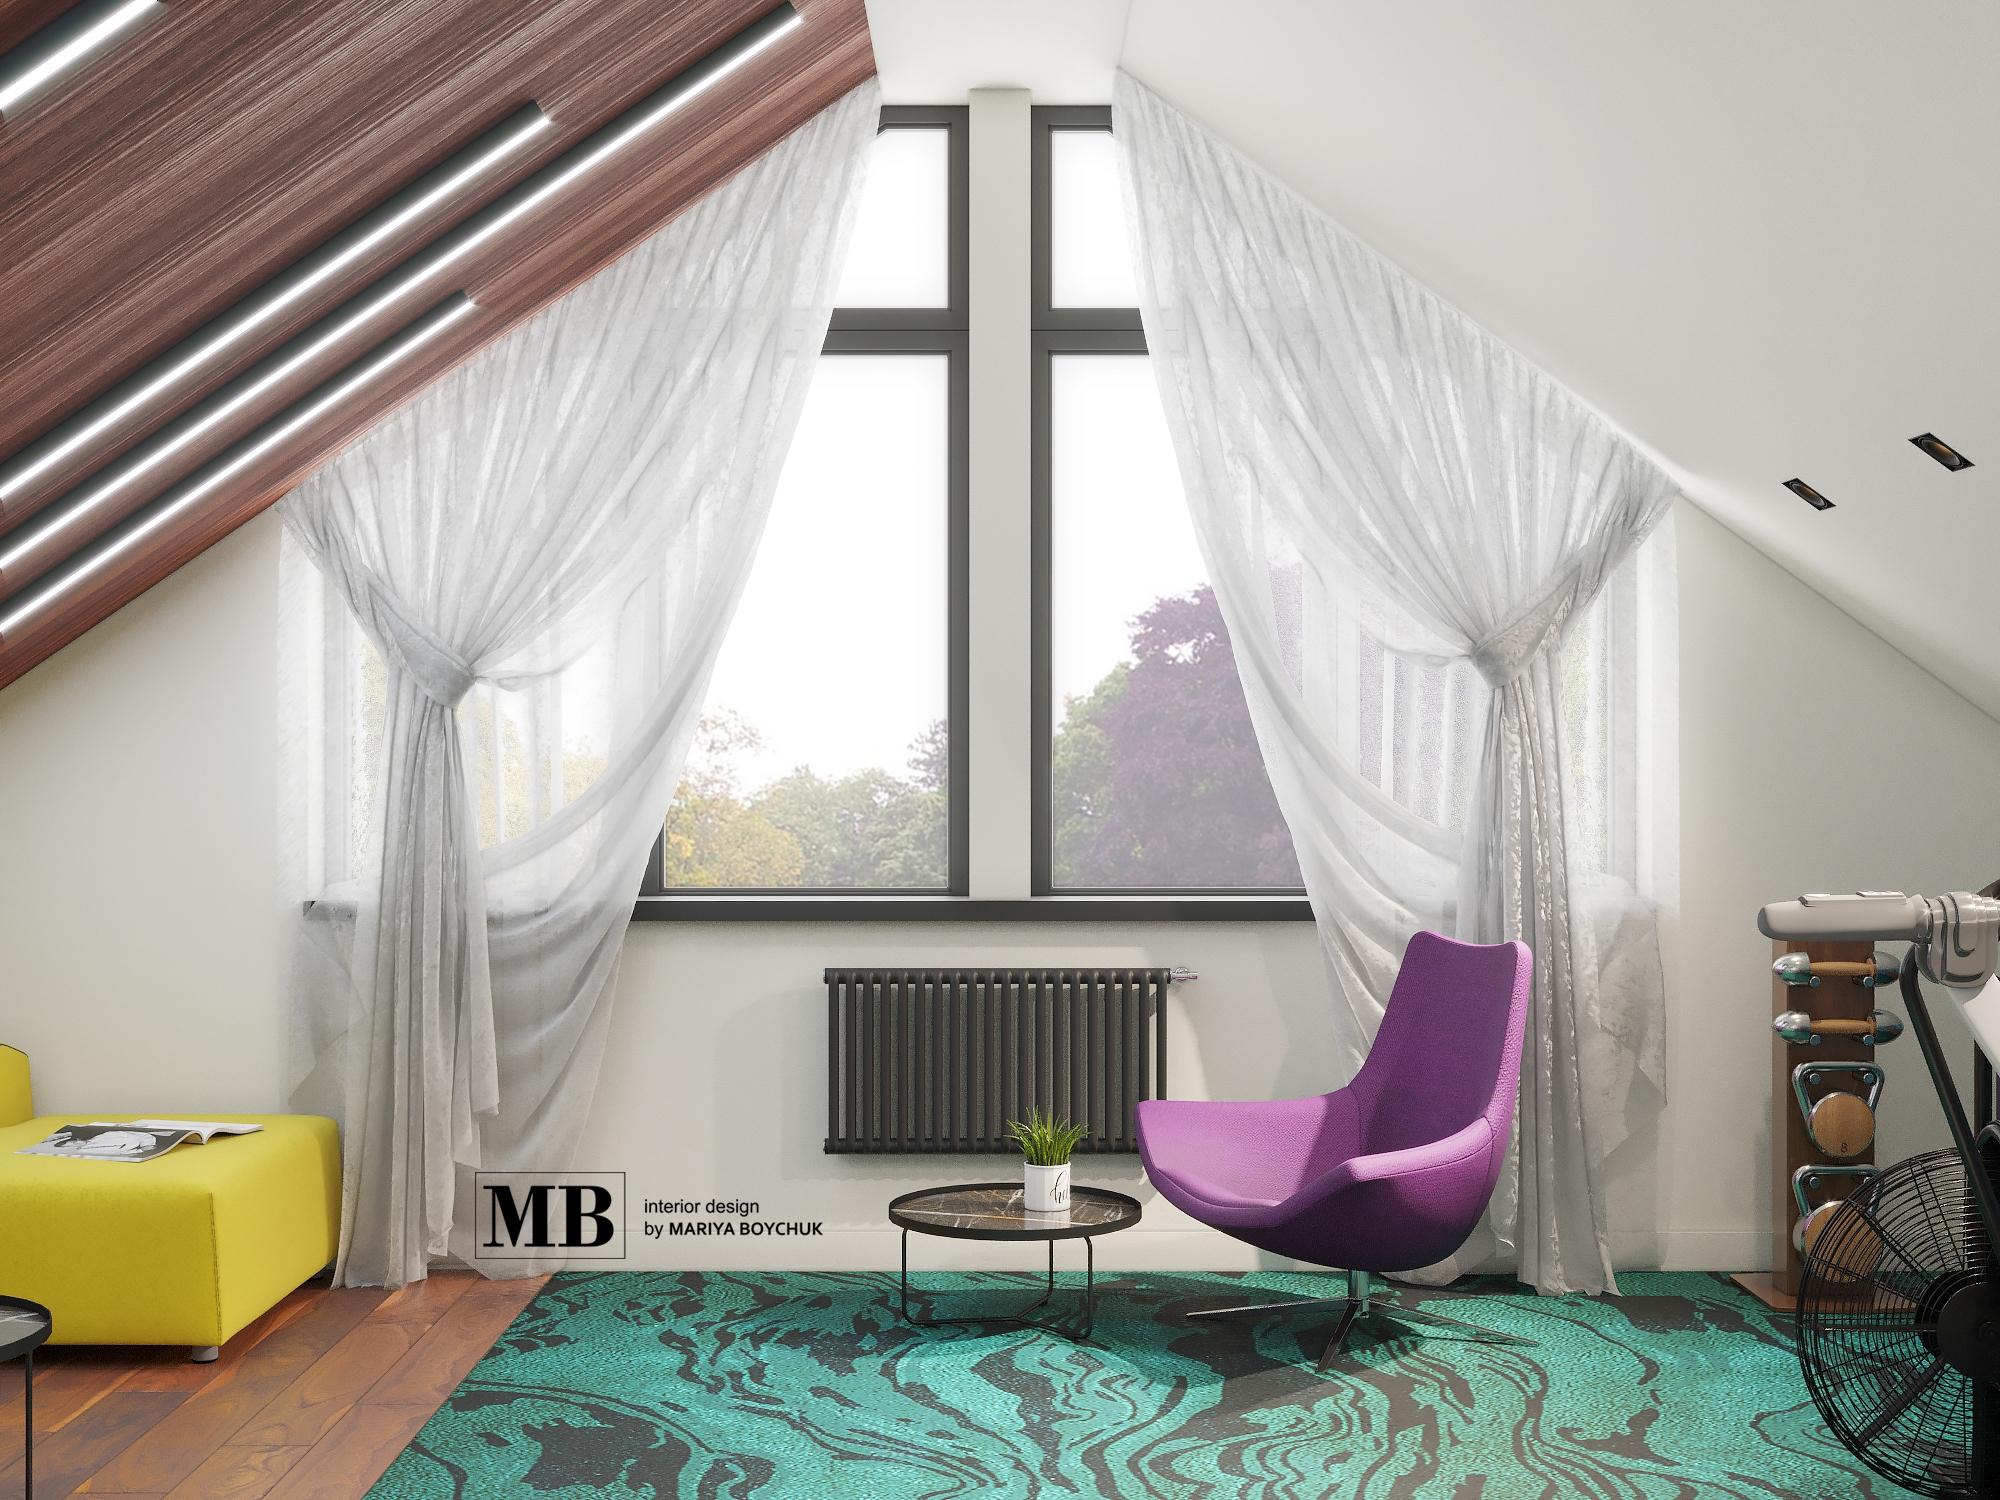 современный дизайн интерьера дома Калининград